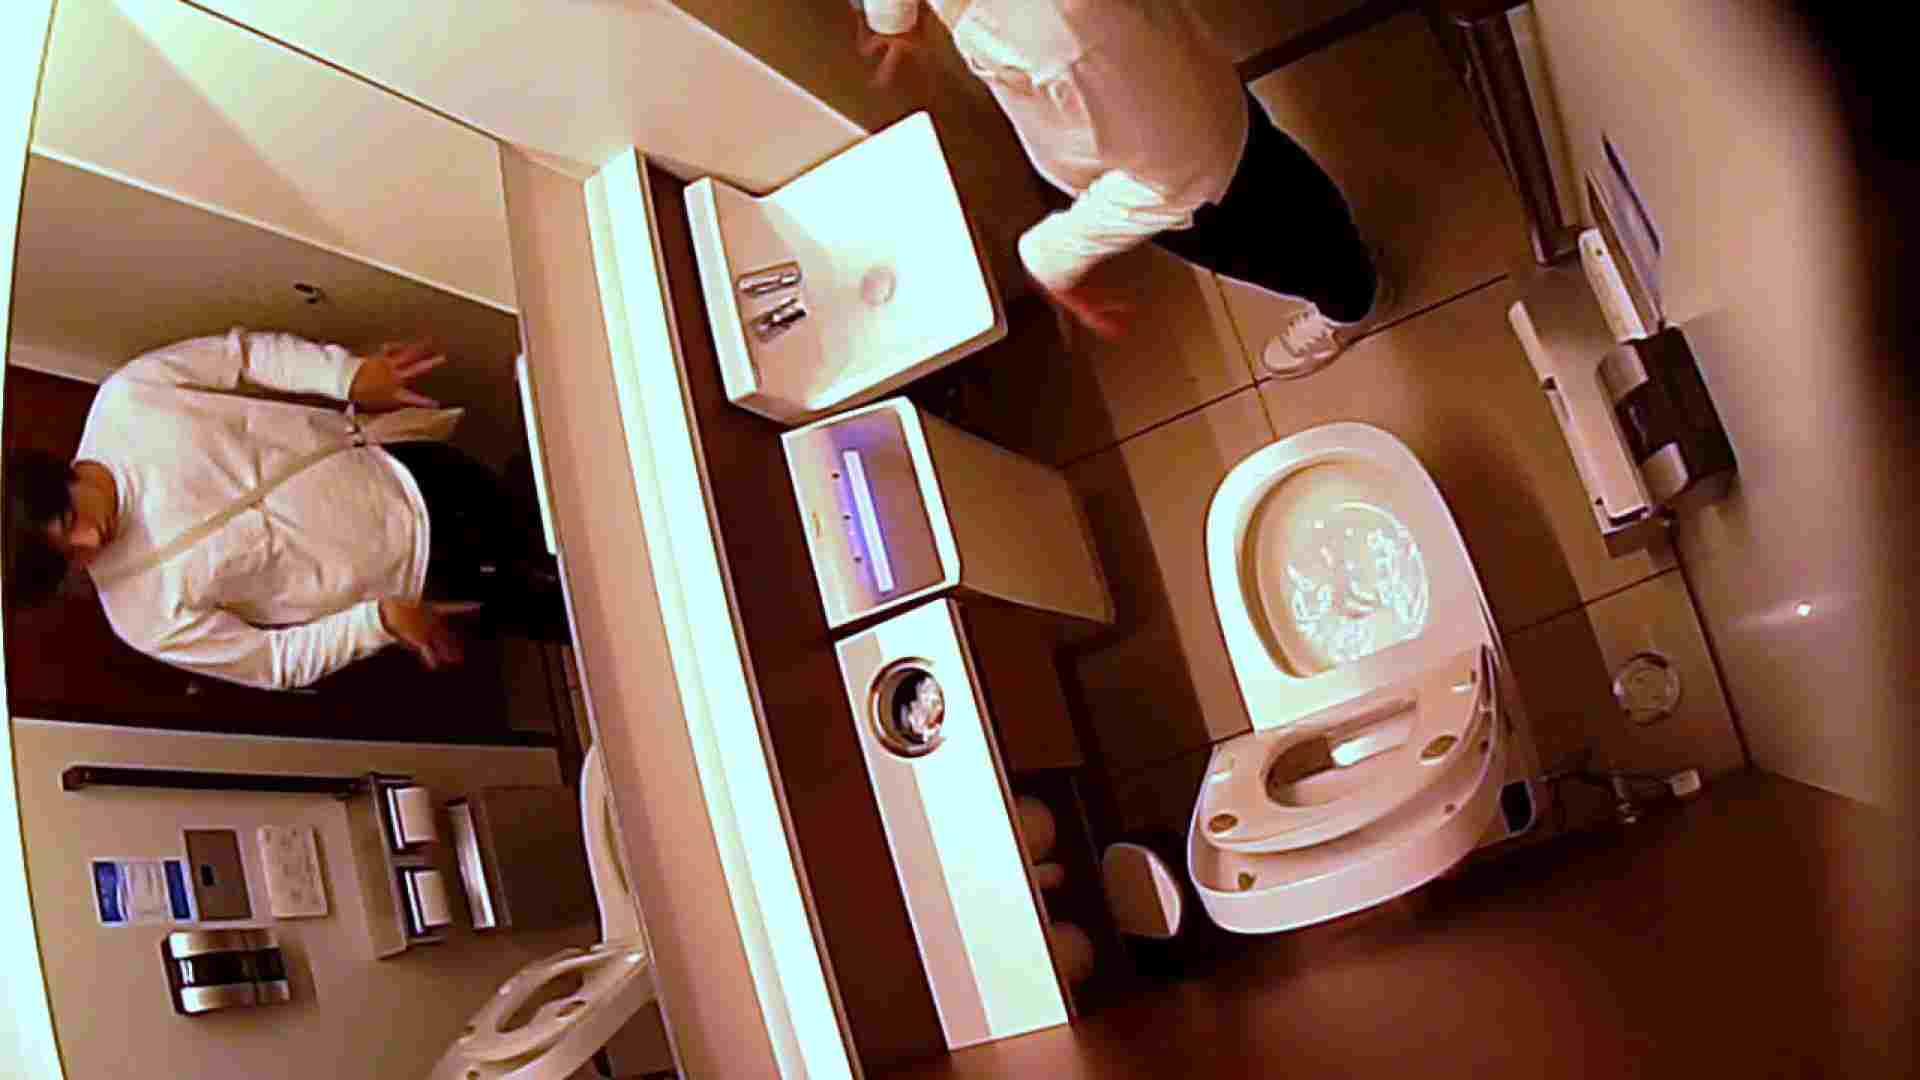 すみませんが覗かせてください Vol.32 トイレ | 0  102pic 9